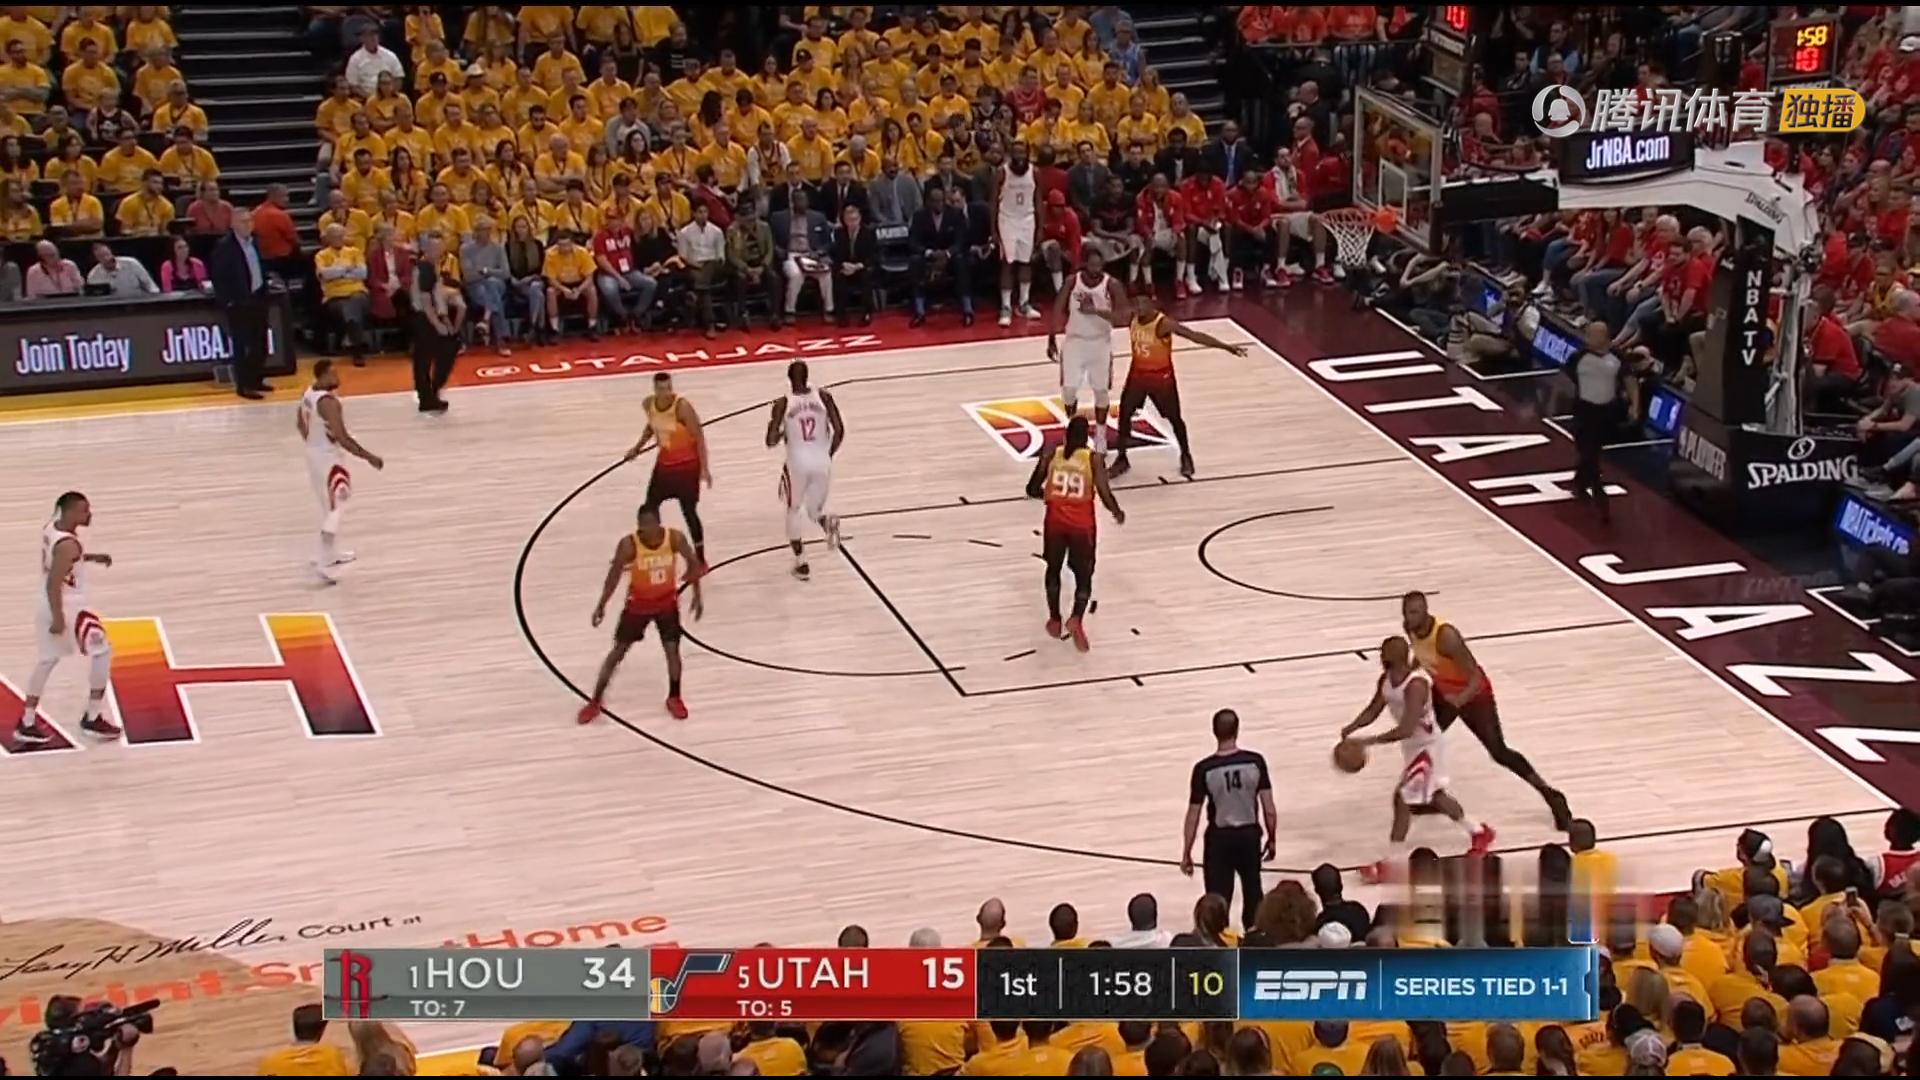 2018年5月5日 NBA季后赛西部半决赛 爵士VS火箭 第三场全场高清录像回放-麦豆网